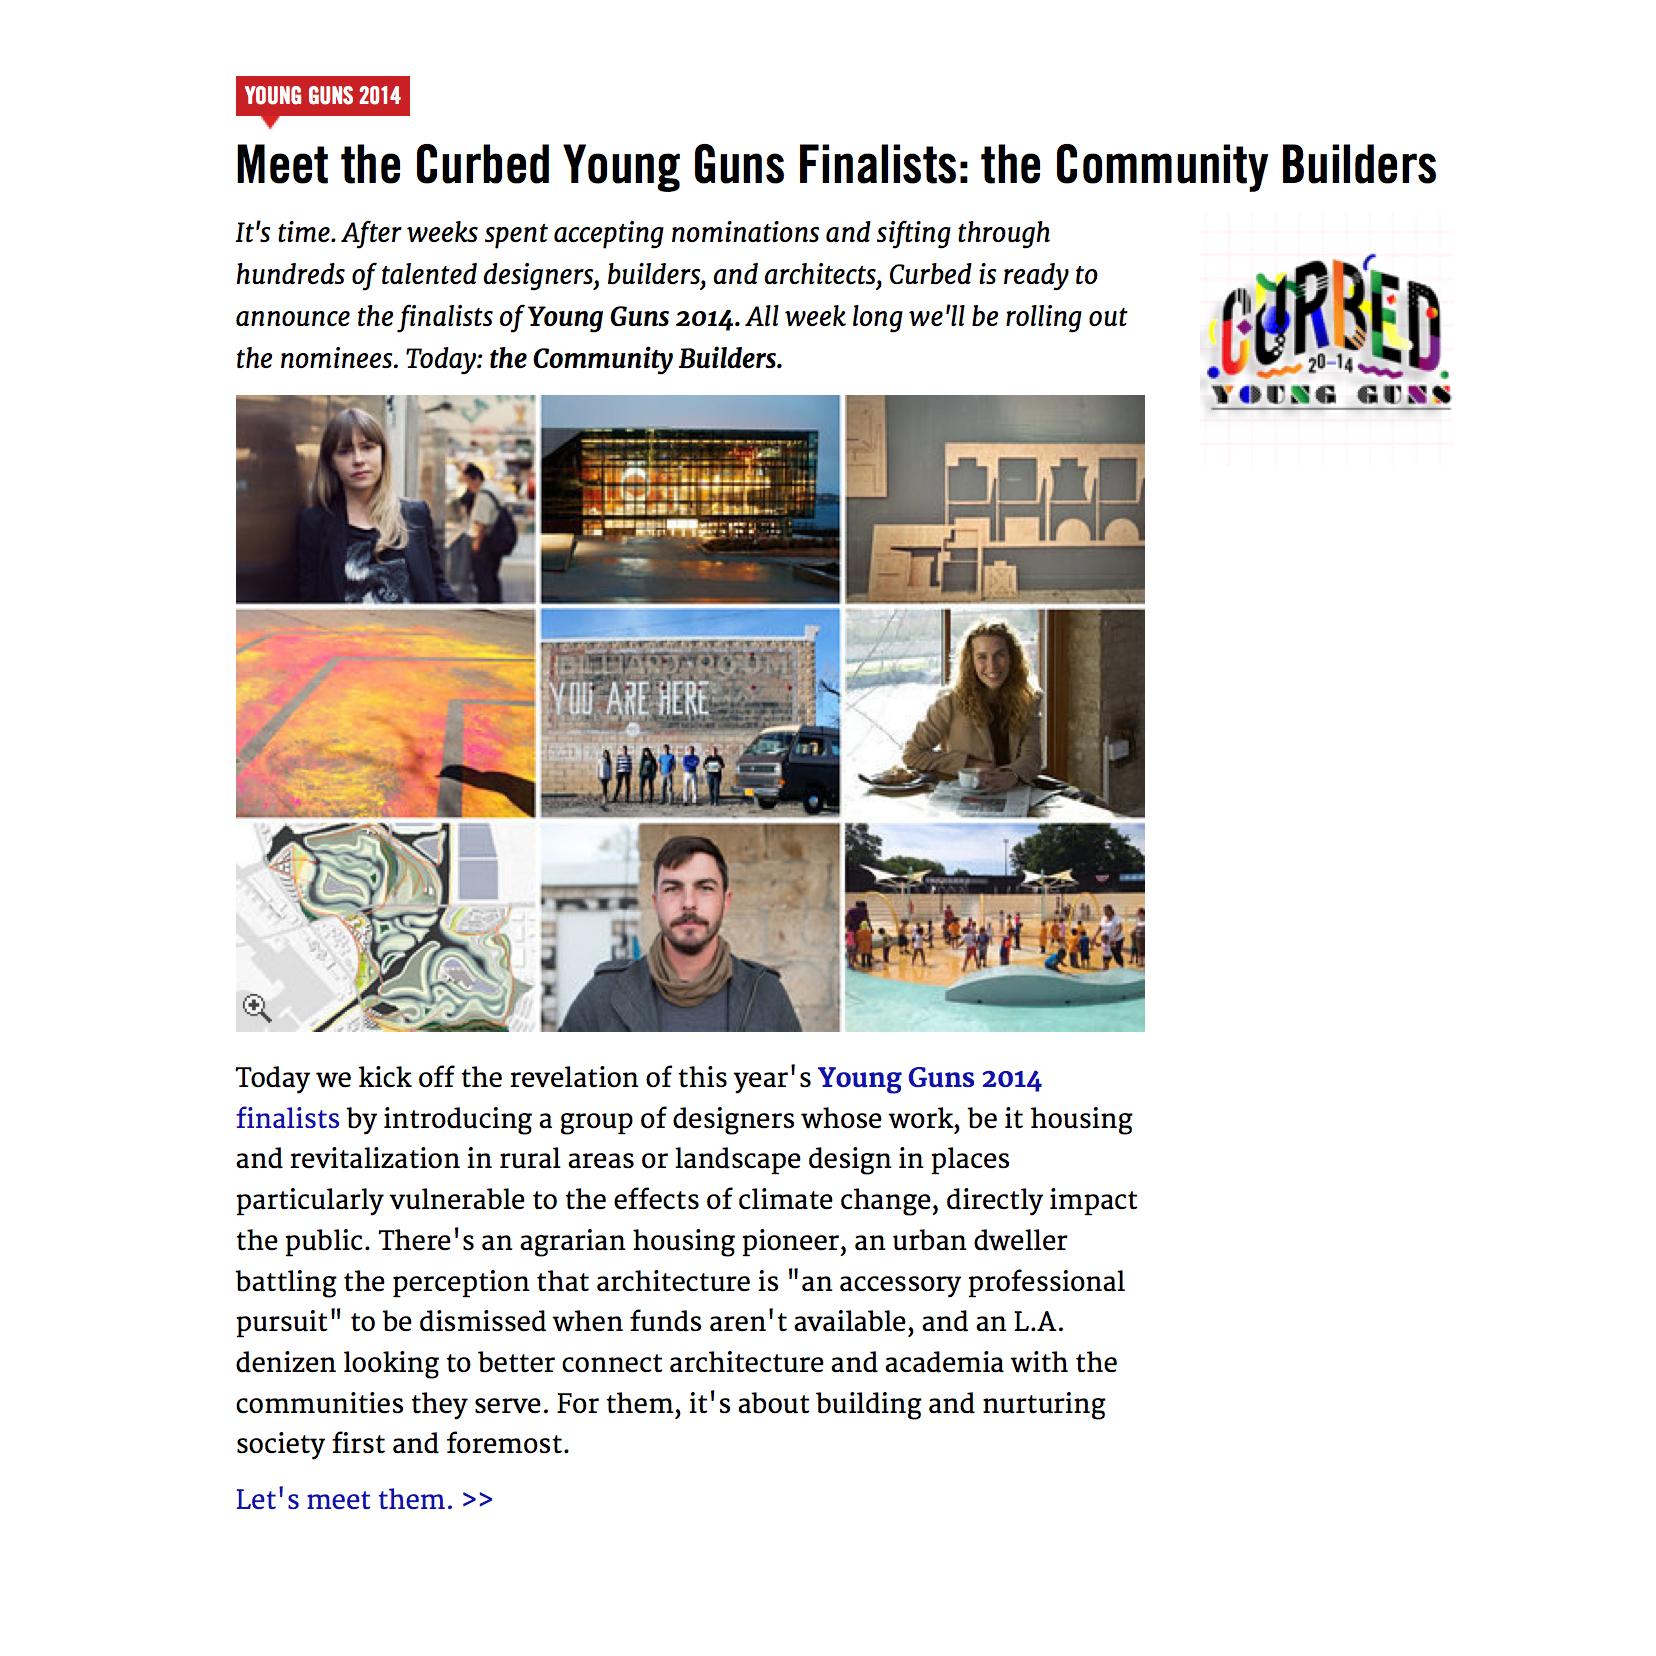 CurbedCommunityBuilders.jpg